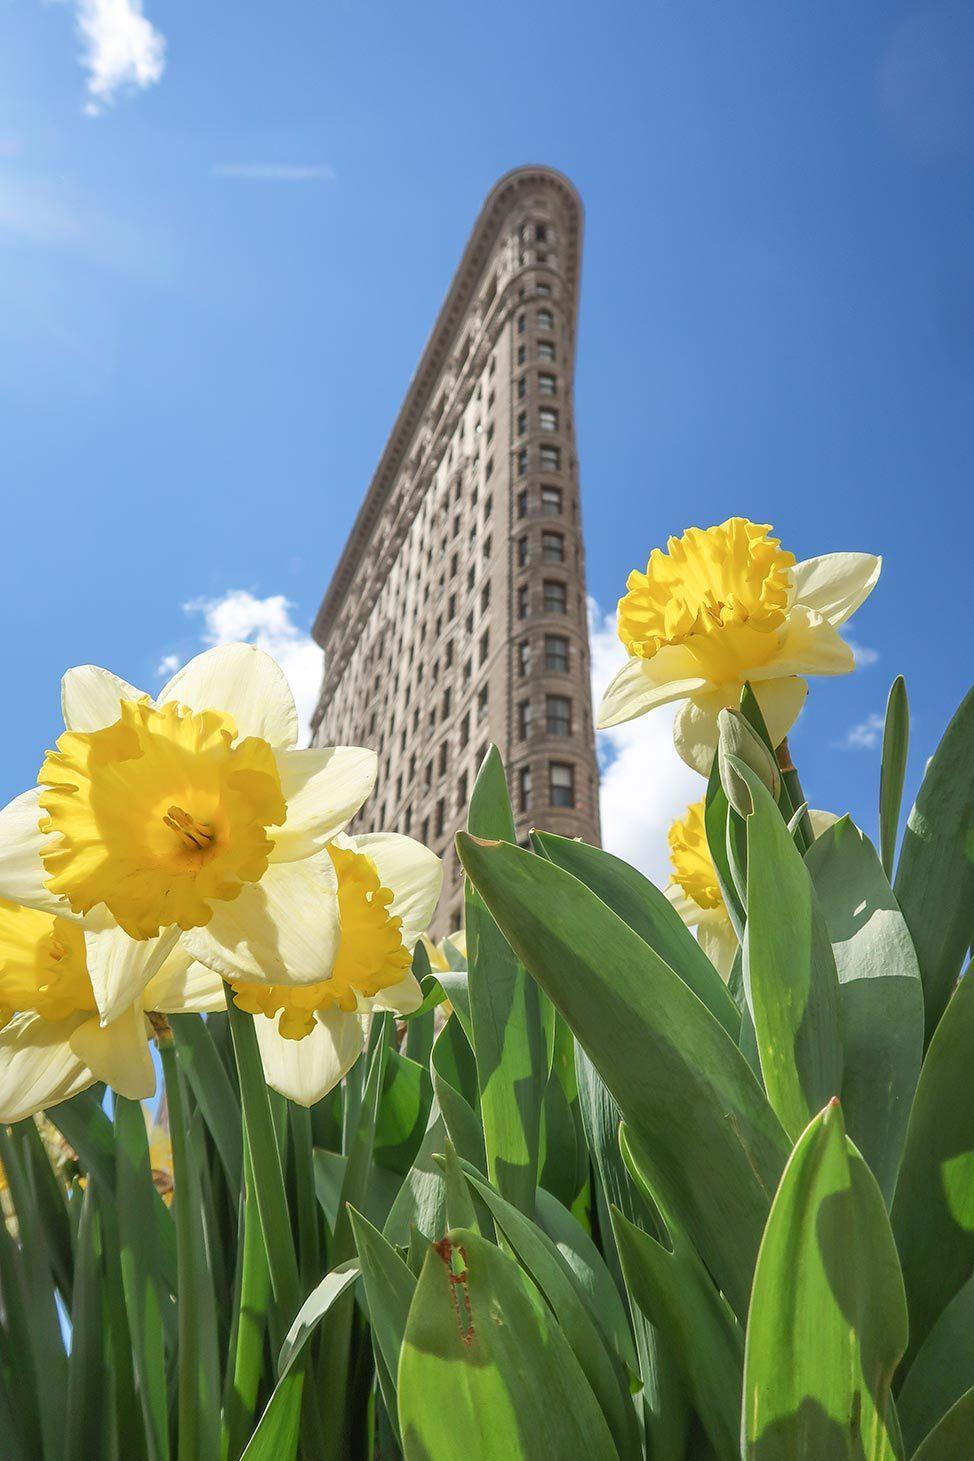 April in New York